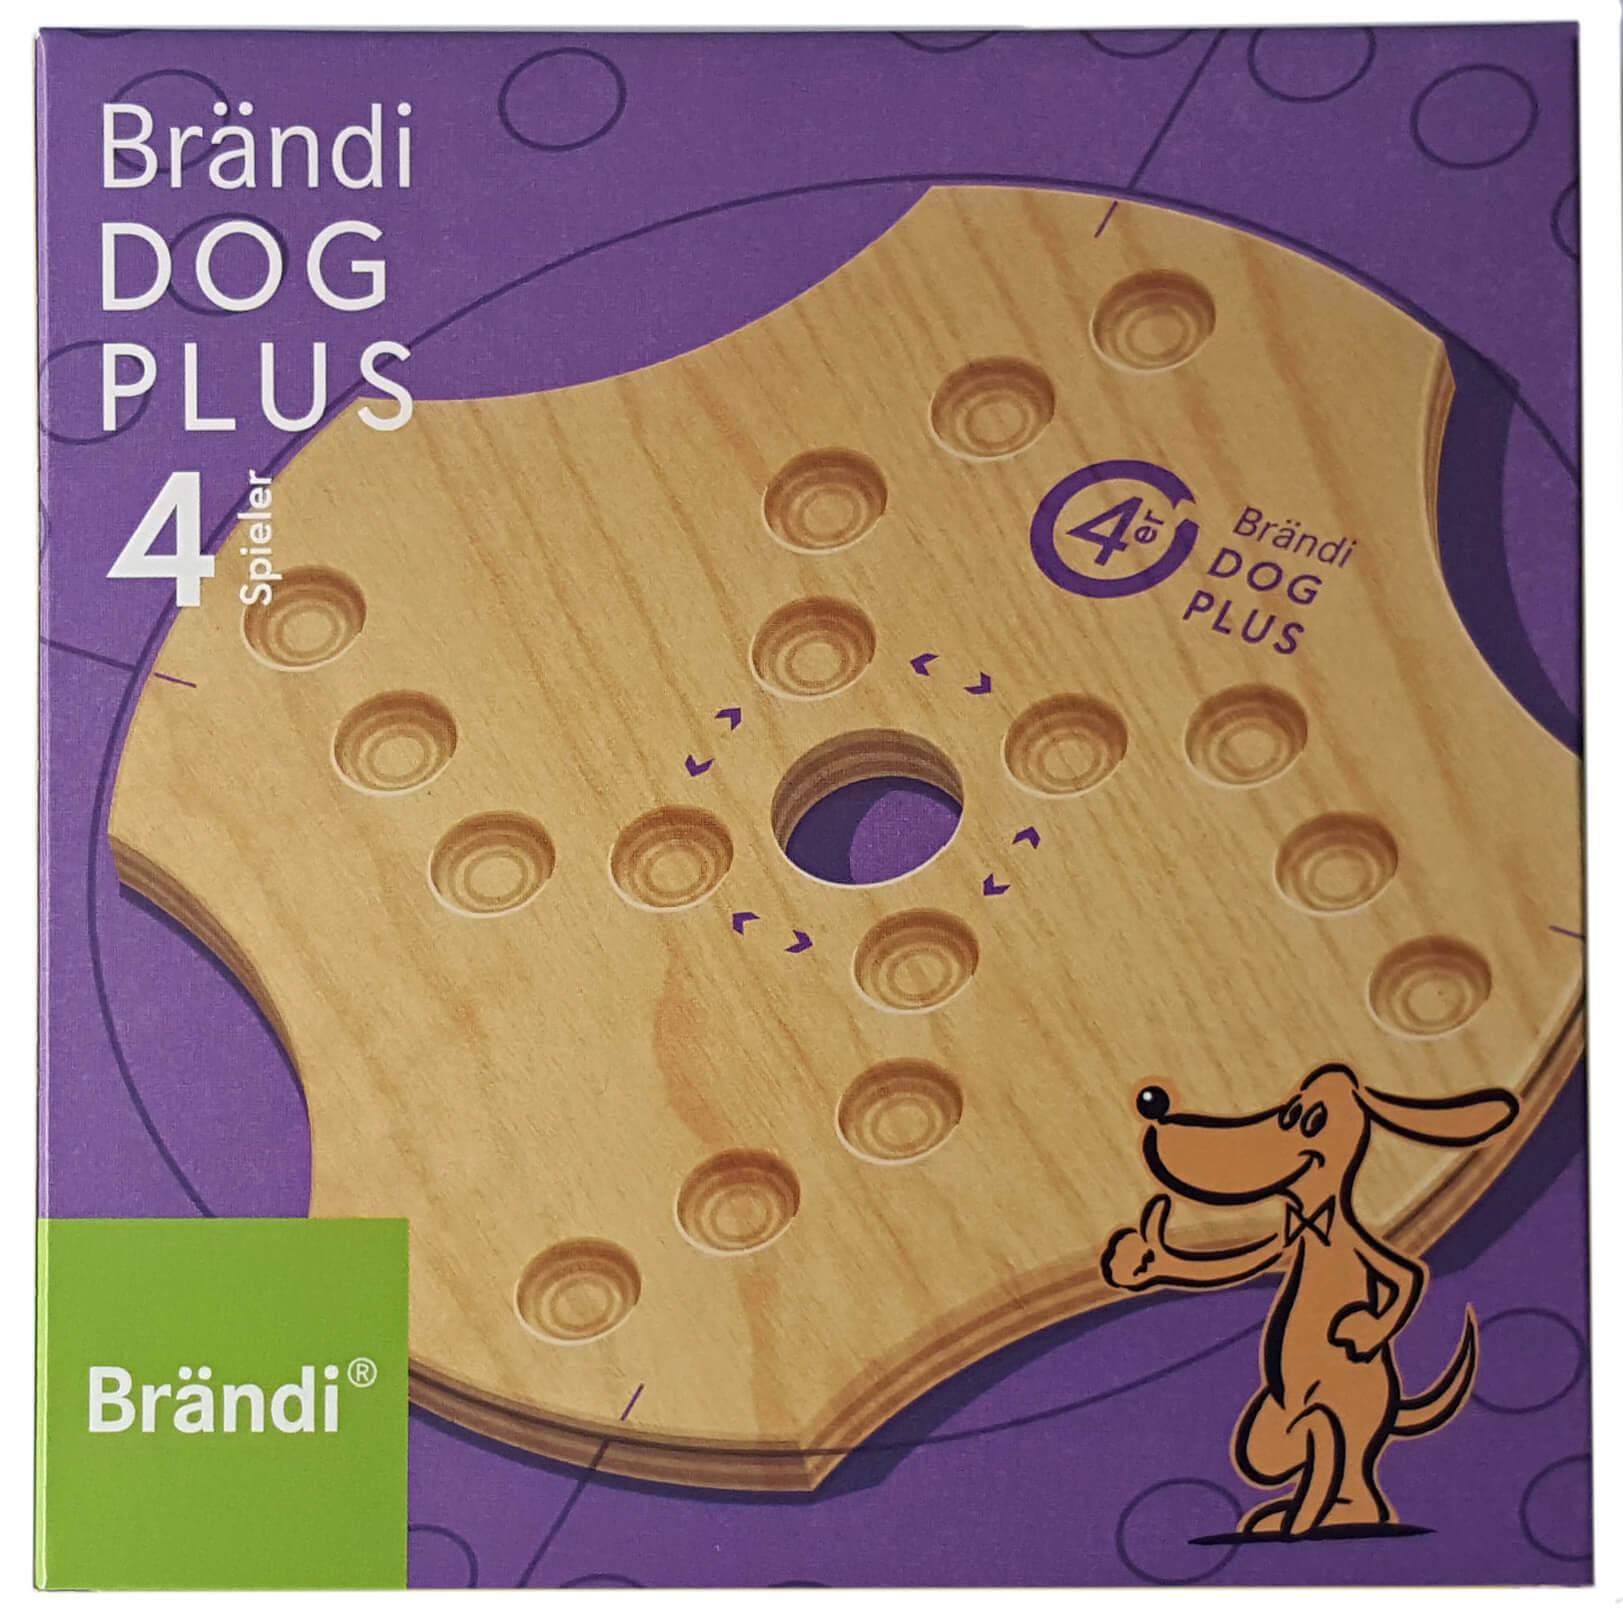 Schachtel Vorderseite- Brändi Dog Plus per 4 giocatore